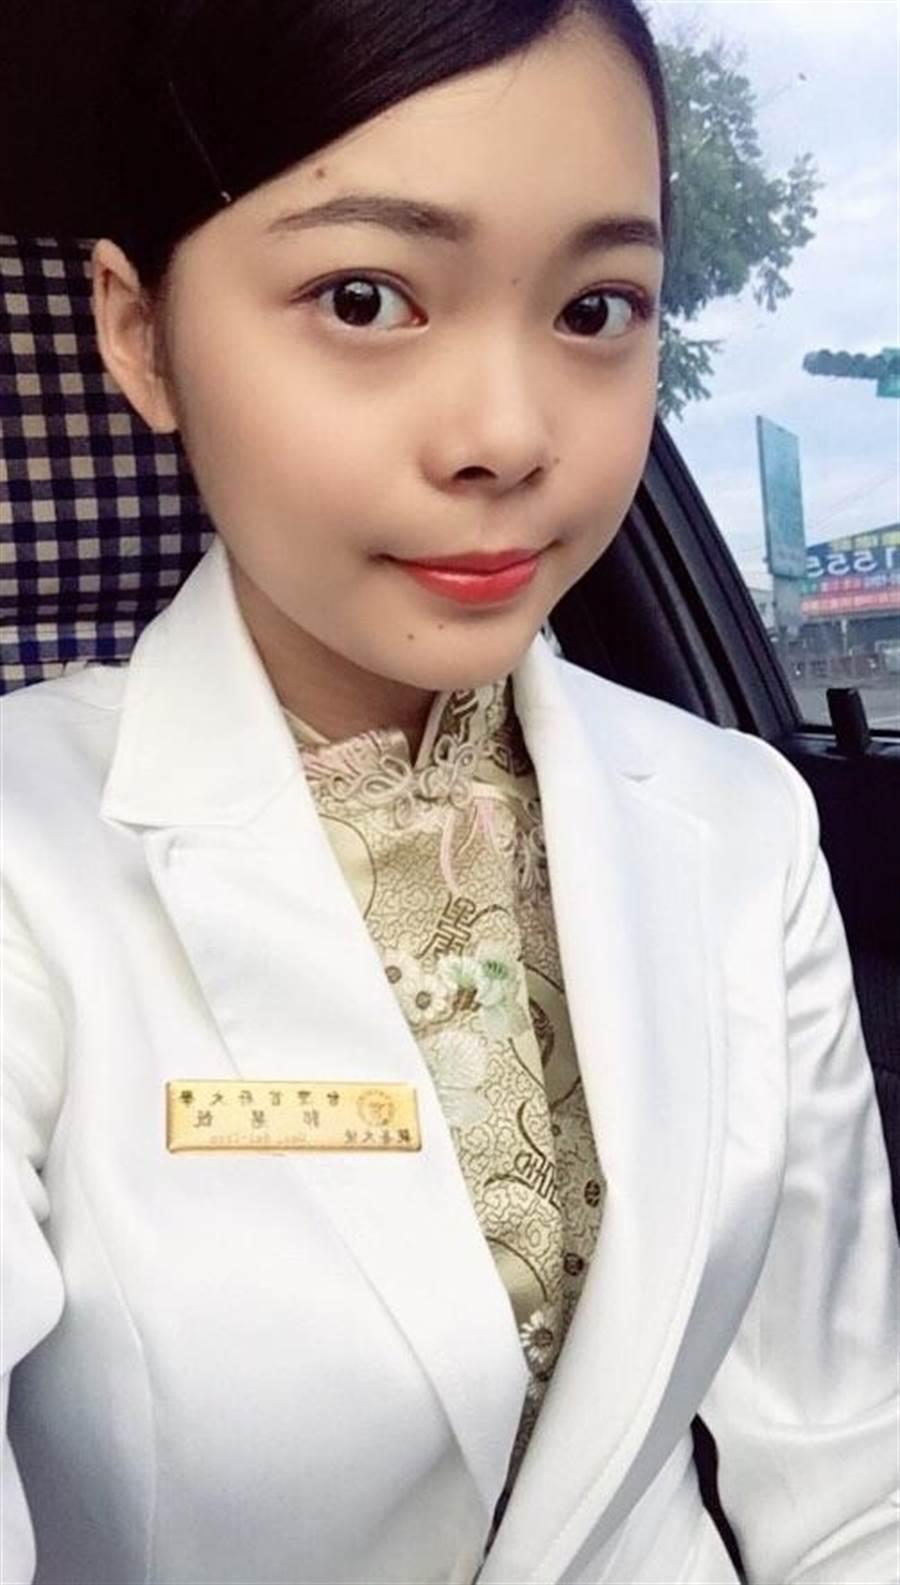 郭慧甄是台首大親善大使,曾獲新市農會毛豆小姐選拔第3名。(劉秀芬翻攝)